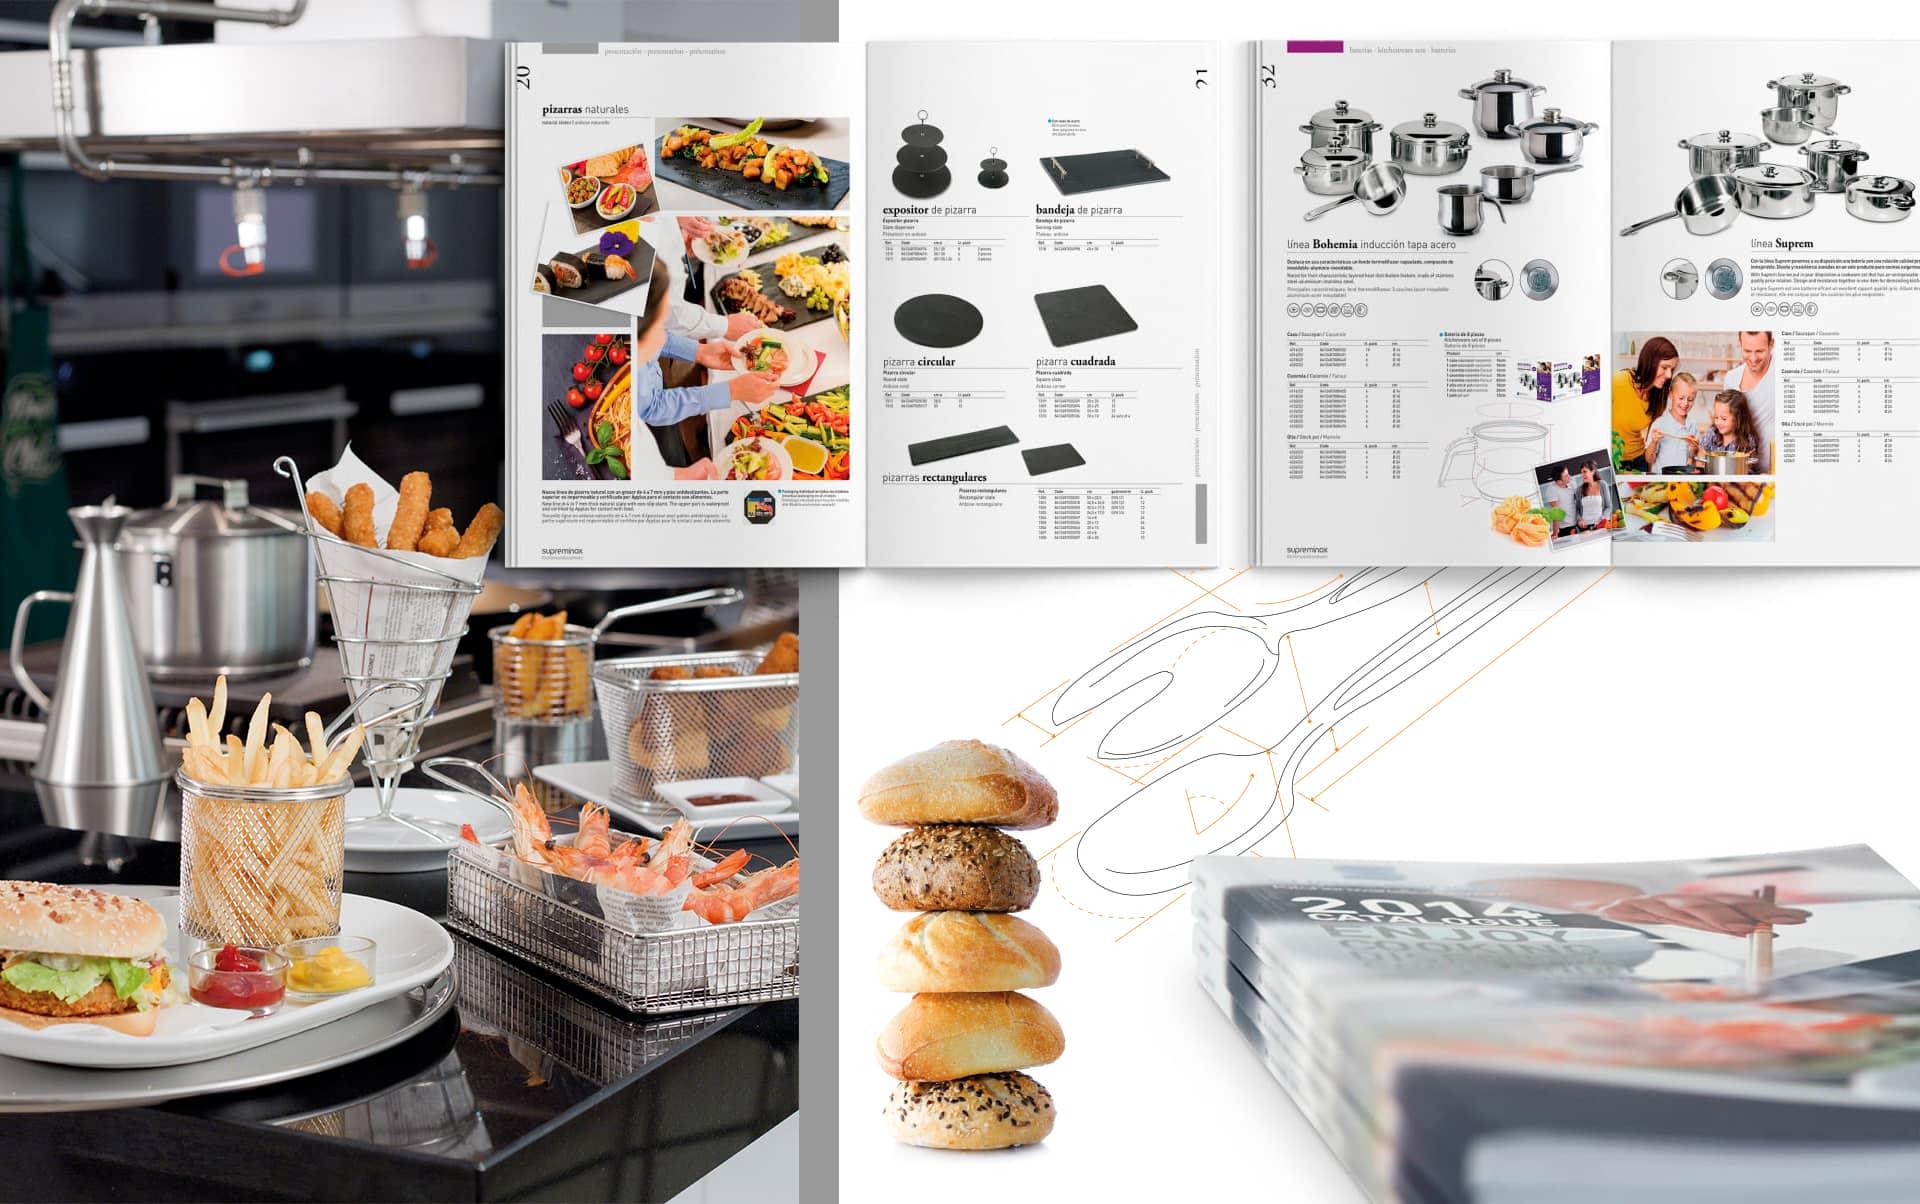 03 Catalogo para els ector horeca supreminox - Diseño y maquetación de catalogo de productos